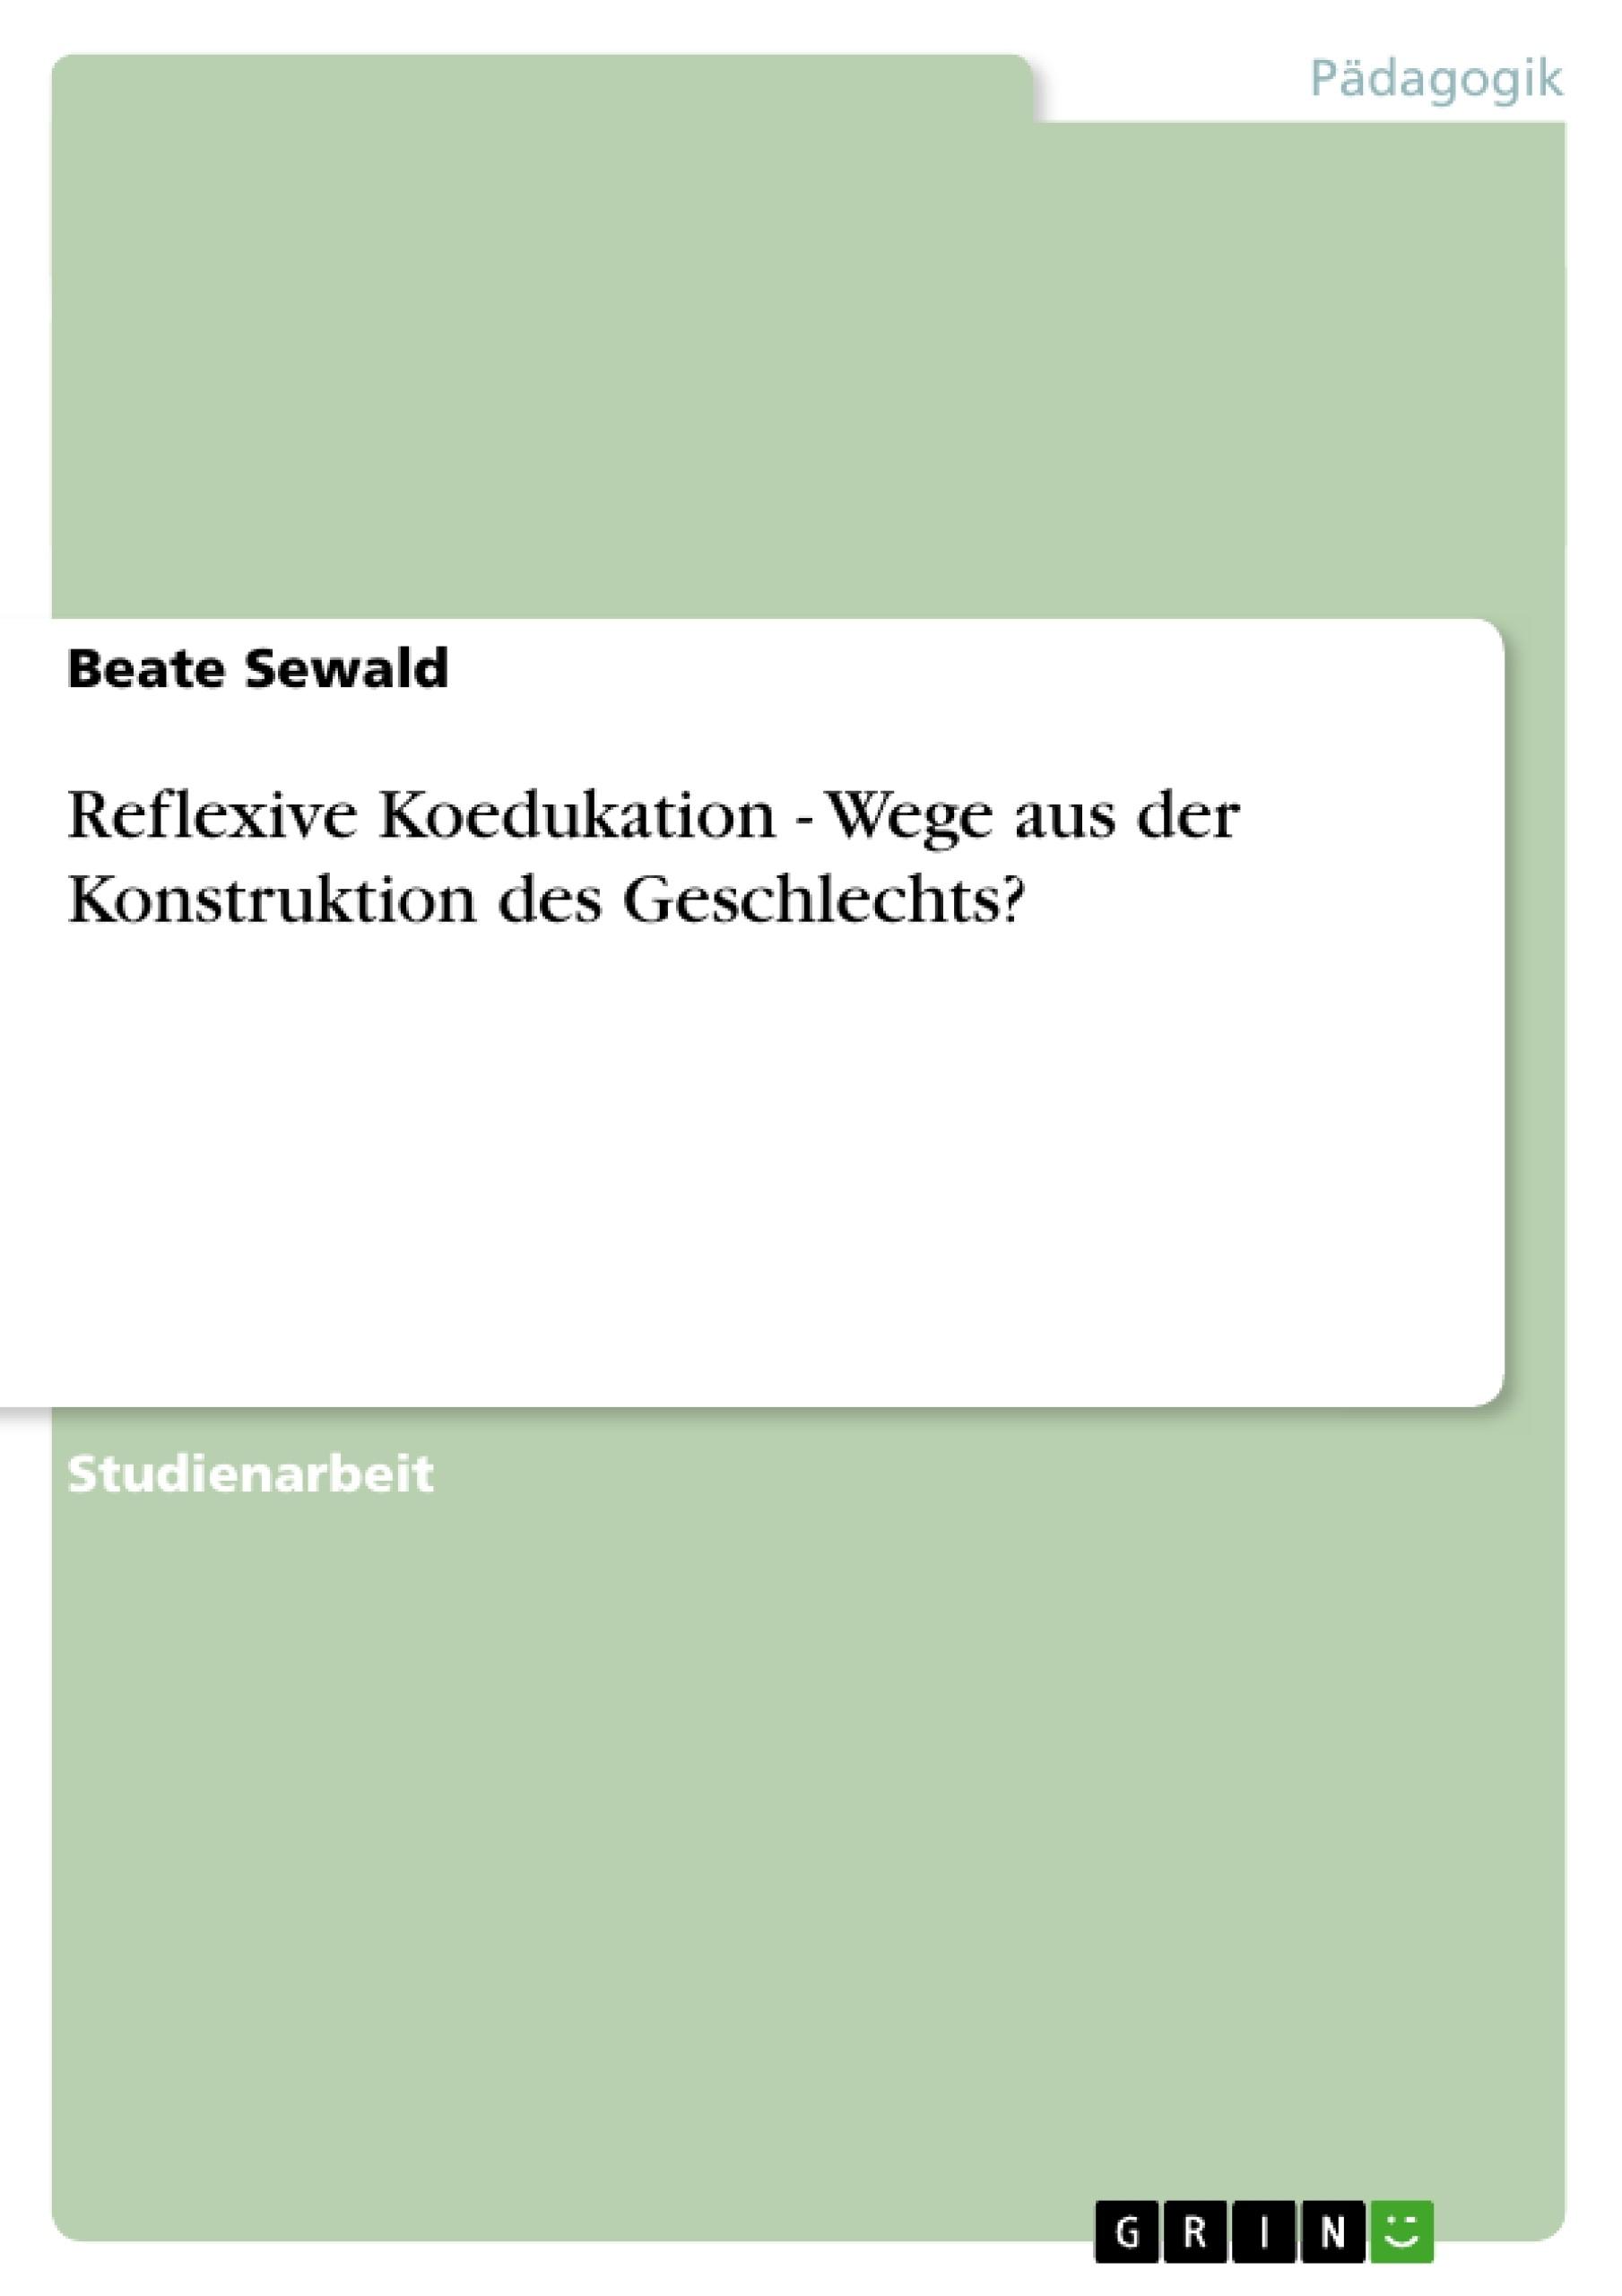 Titel: Reflexive Koedukation - Wege aus der Konstruktion des Geschlechts?